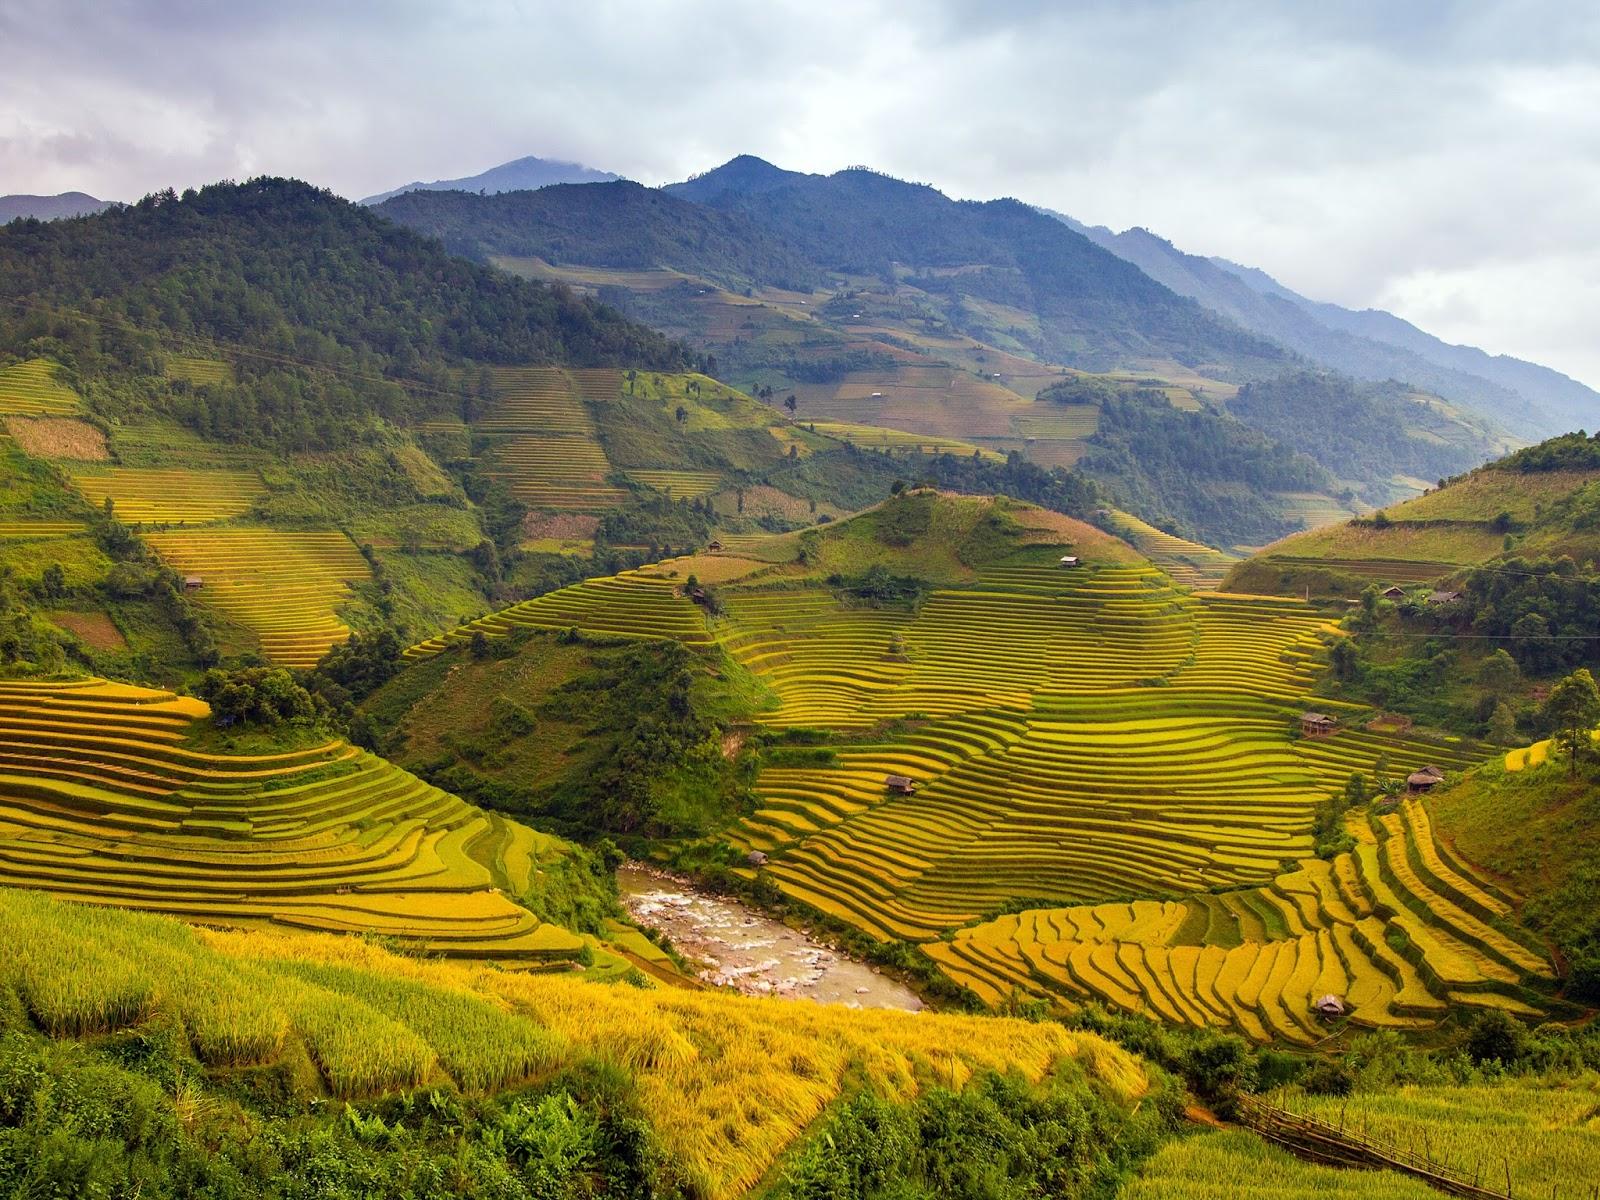 Download Vietnam Wallpapers